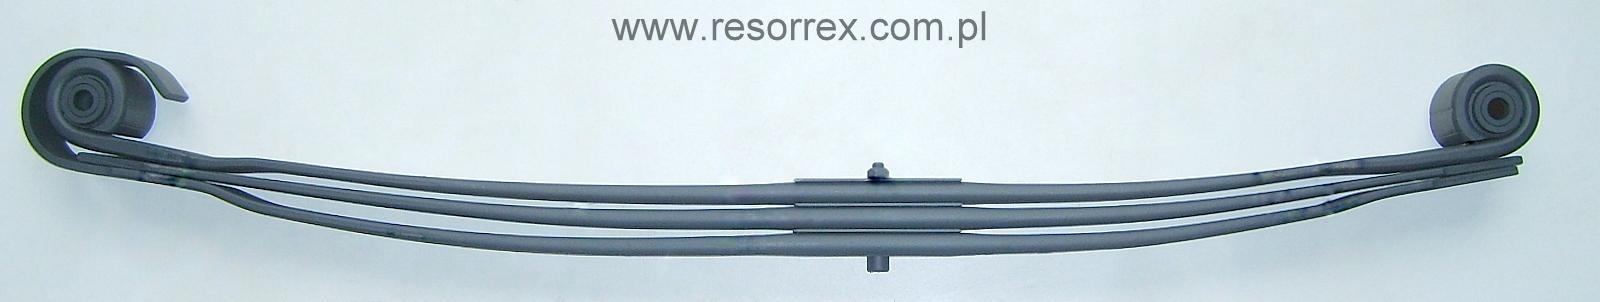 листовая передний 3 рессора mercedes benz actros